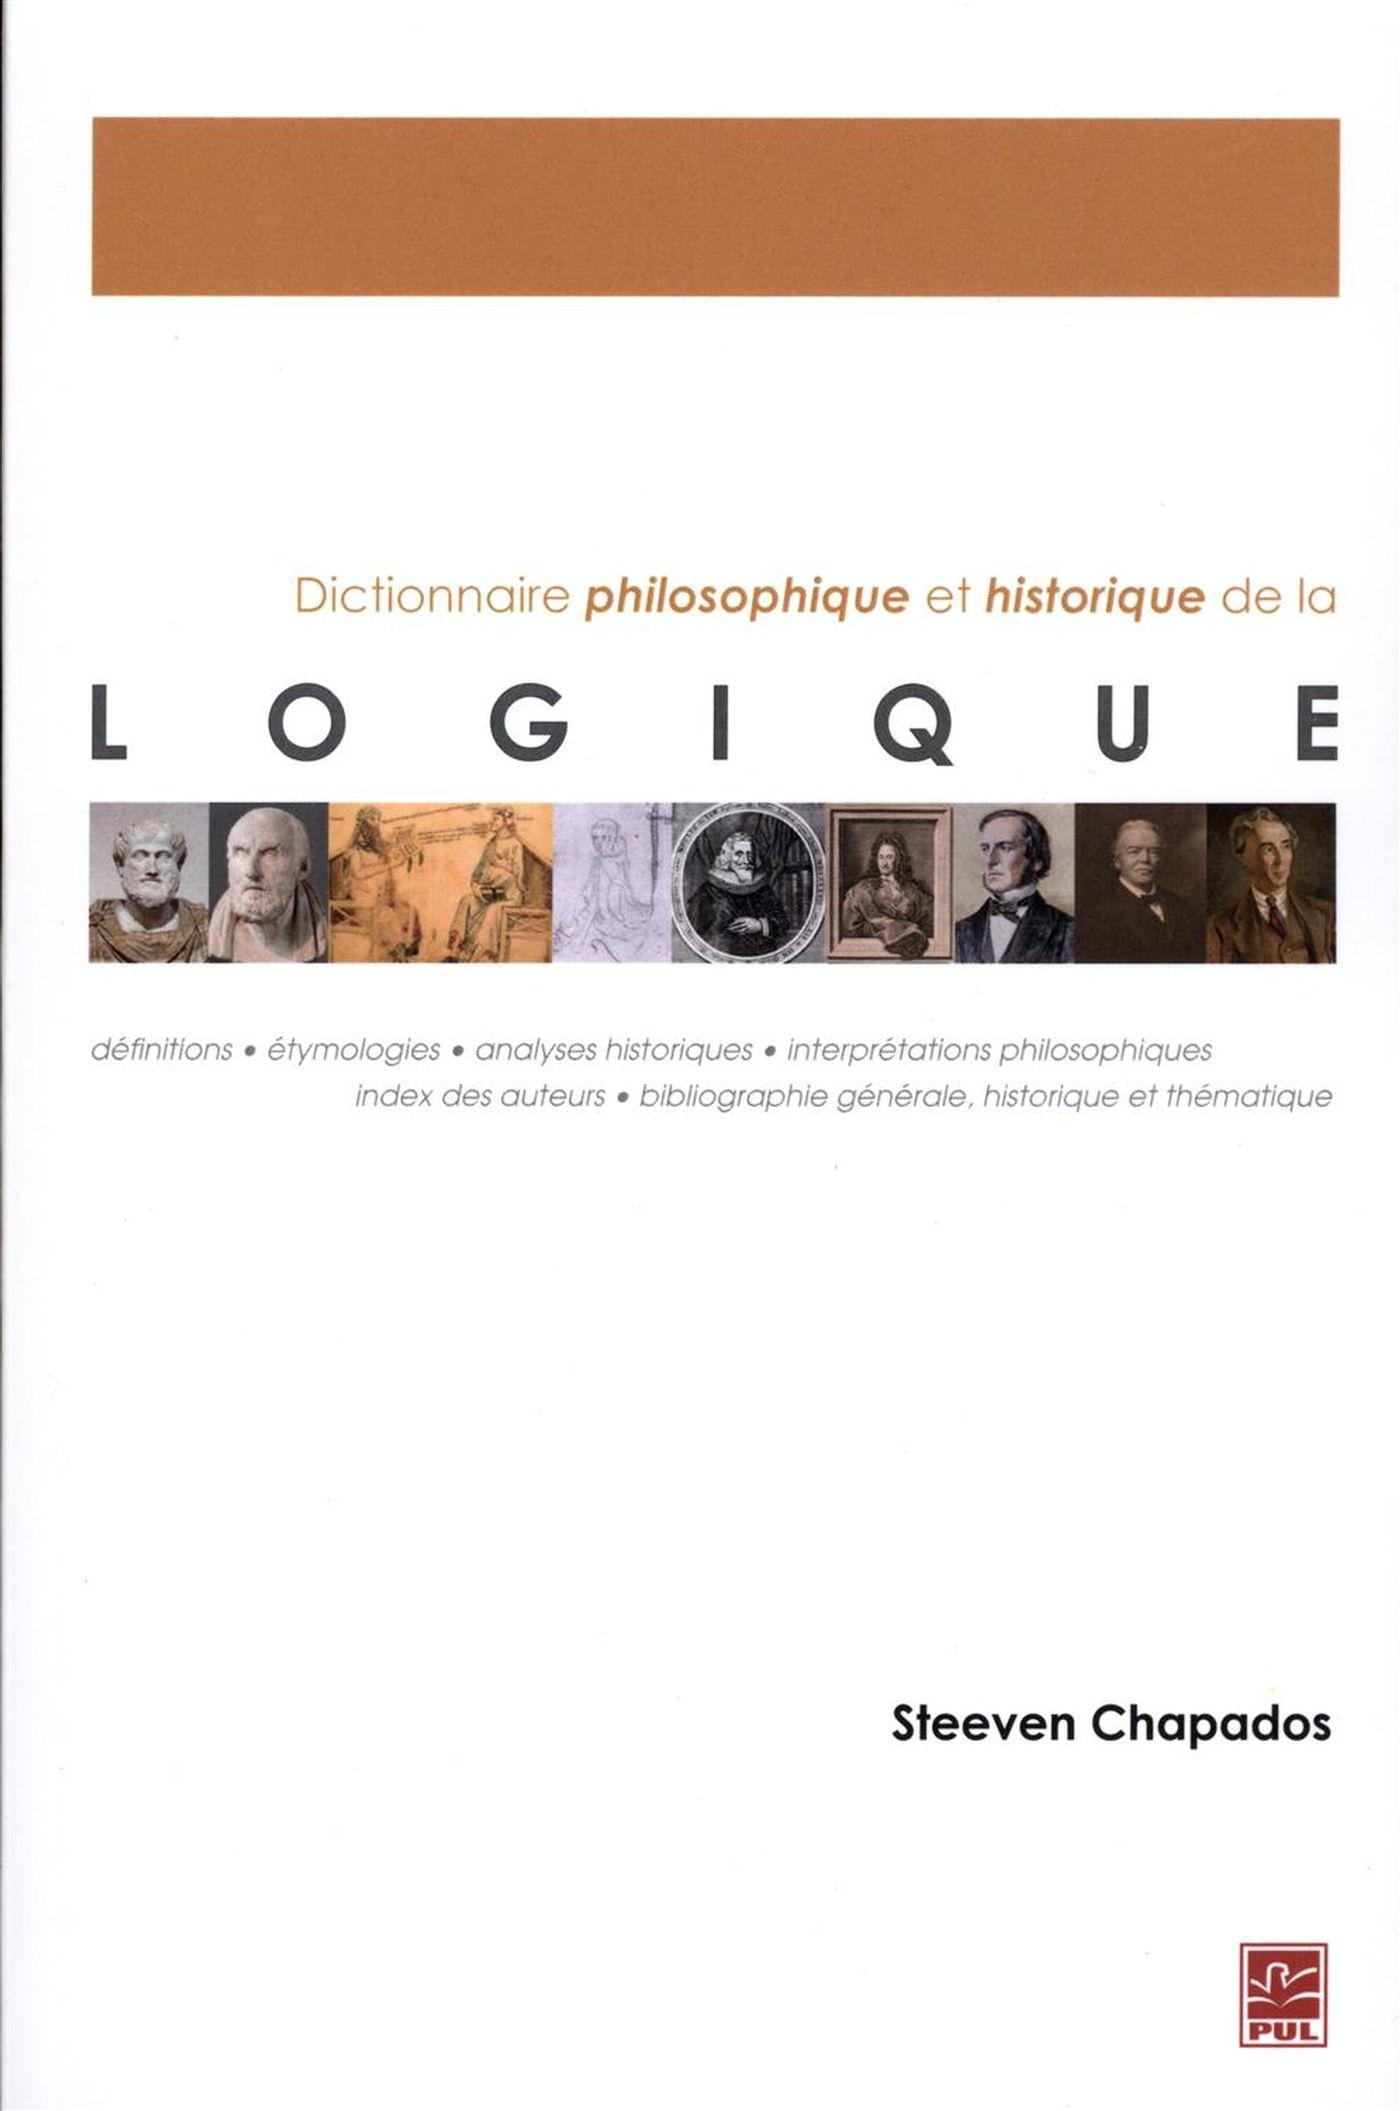 Dictionnaire philosophique ...